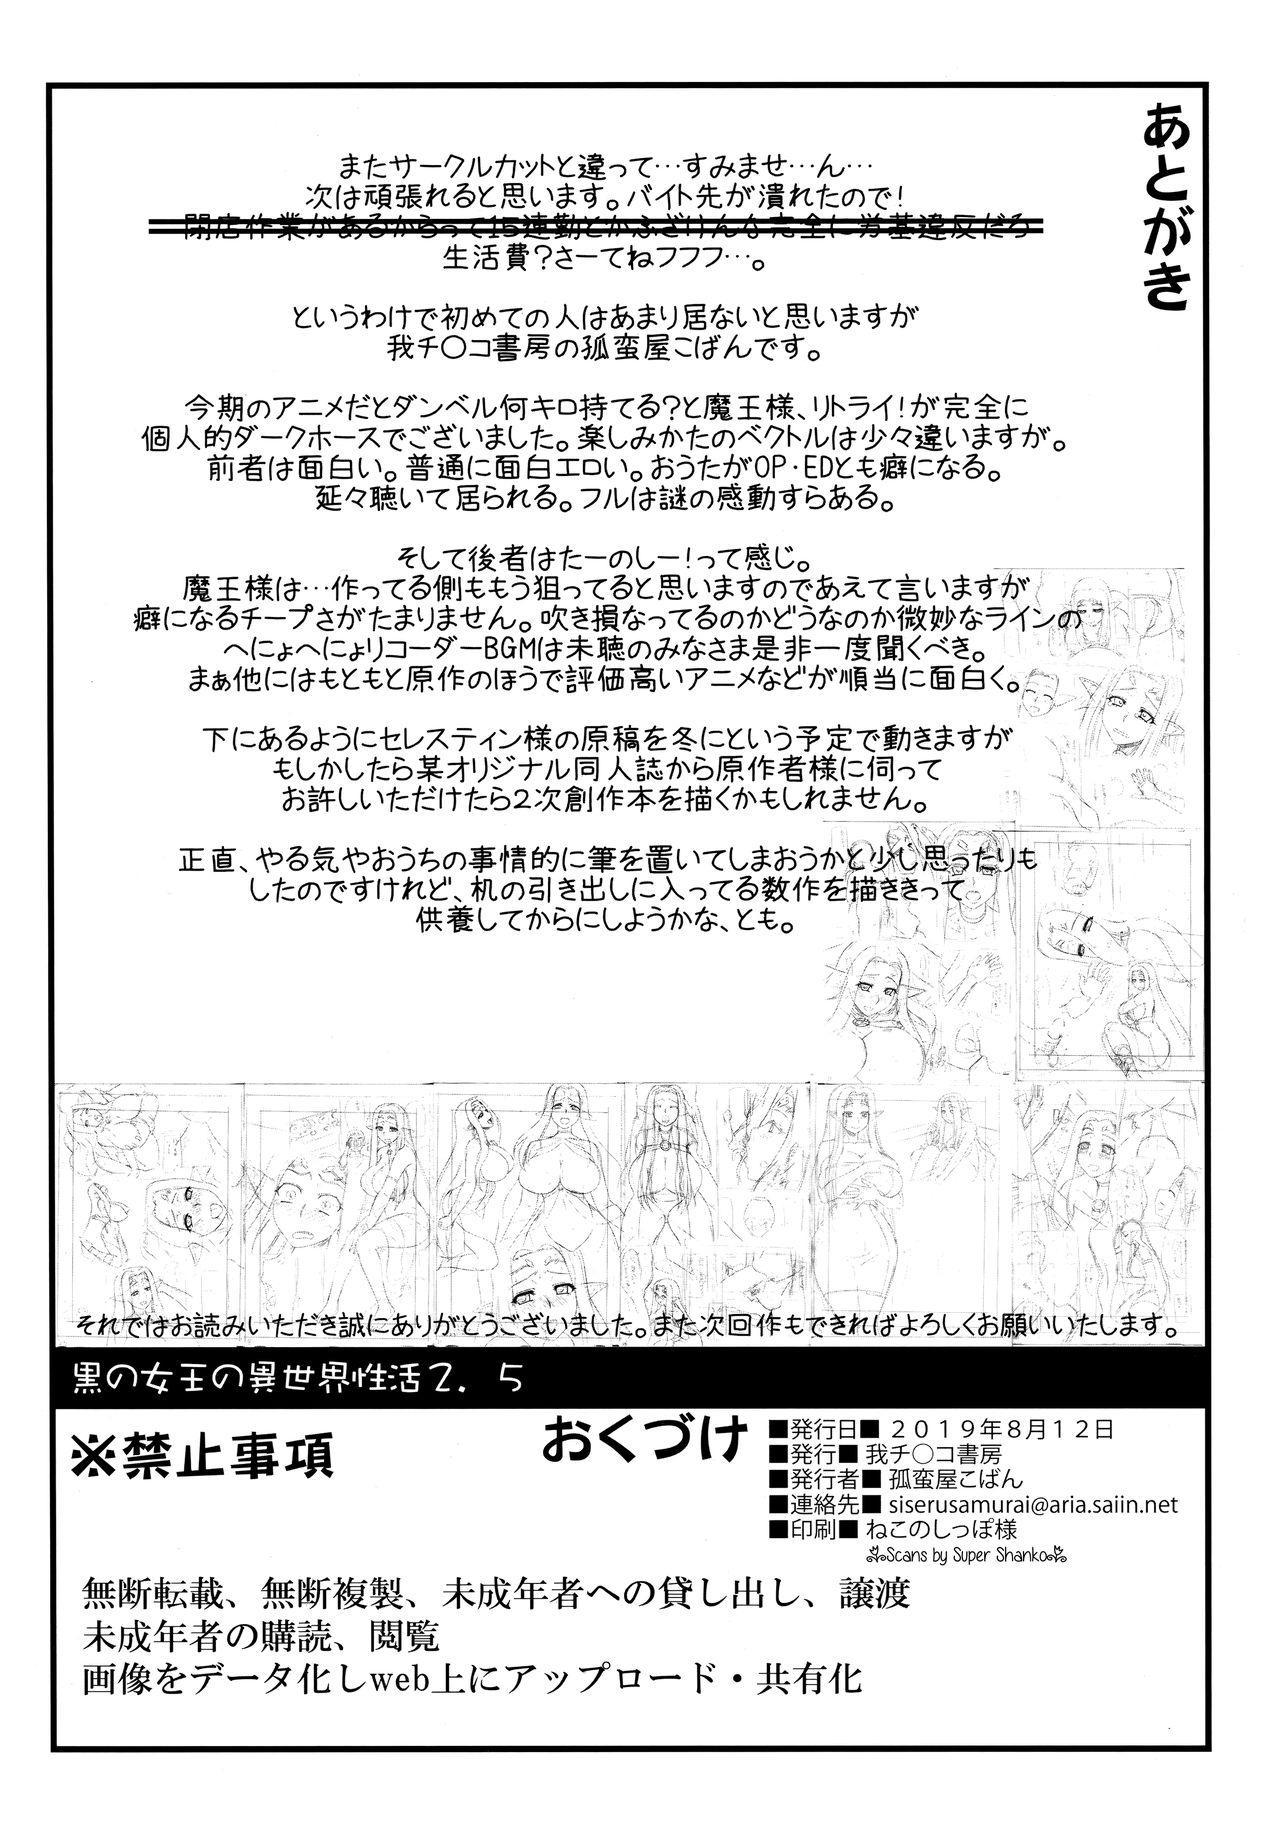 Kuro no Joou no Isekai Seikatsu 2.5 16